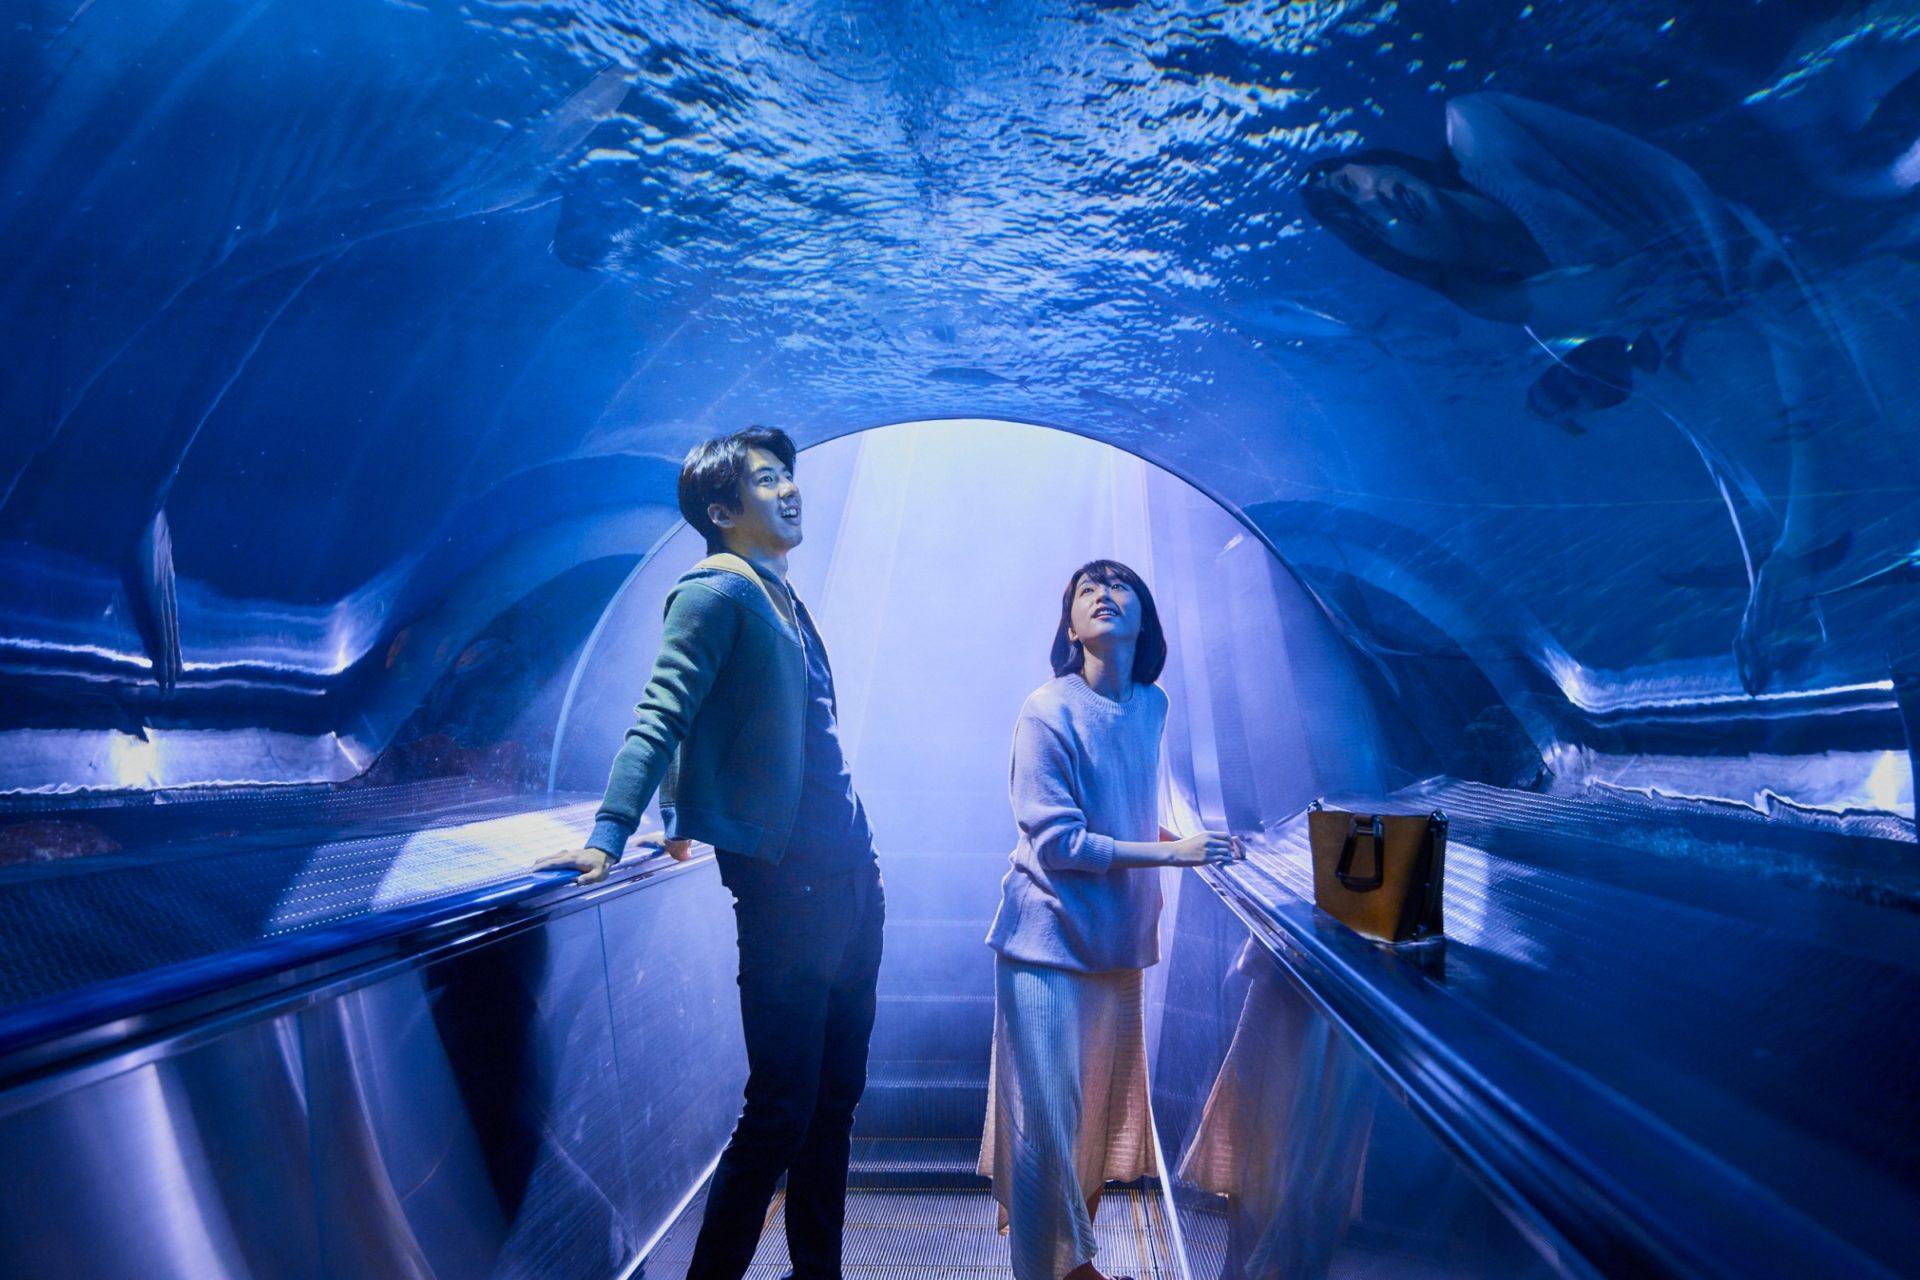 《你的情歌》傅孟柏、柯佳嬿海中約會超浪漫 曖昧戲幕後卻超狼狽悲劇